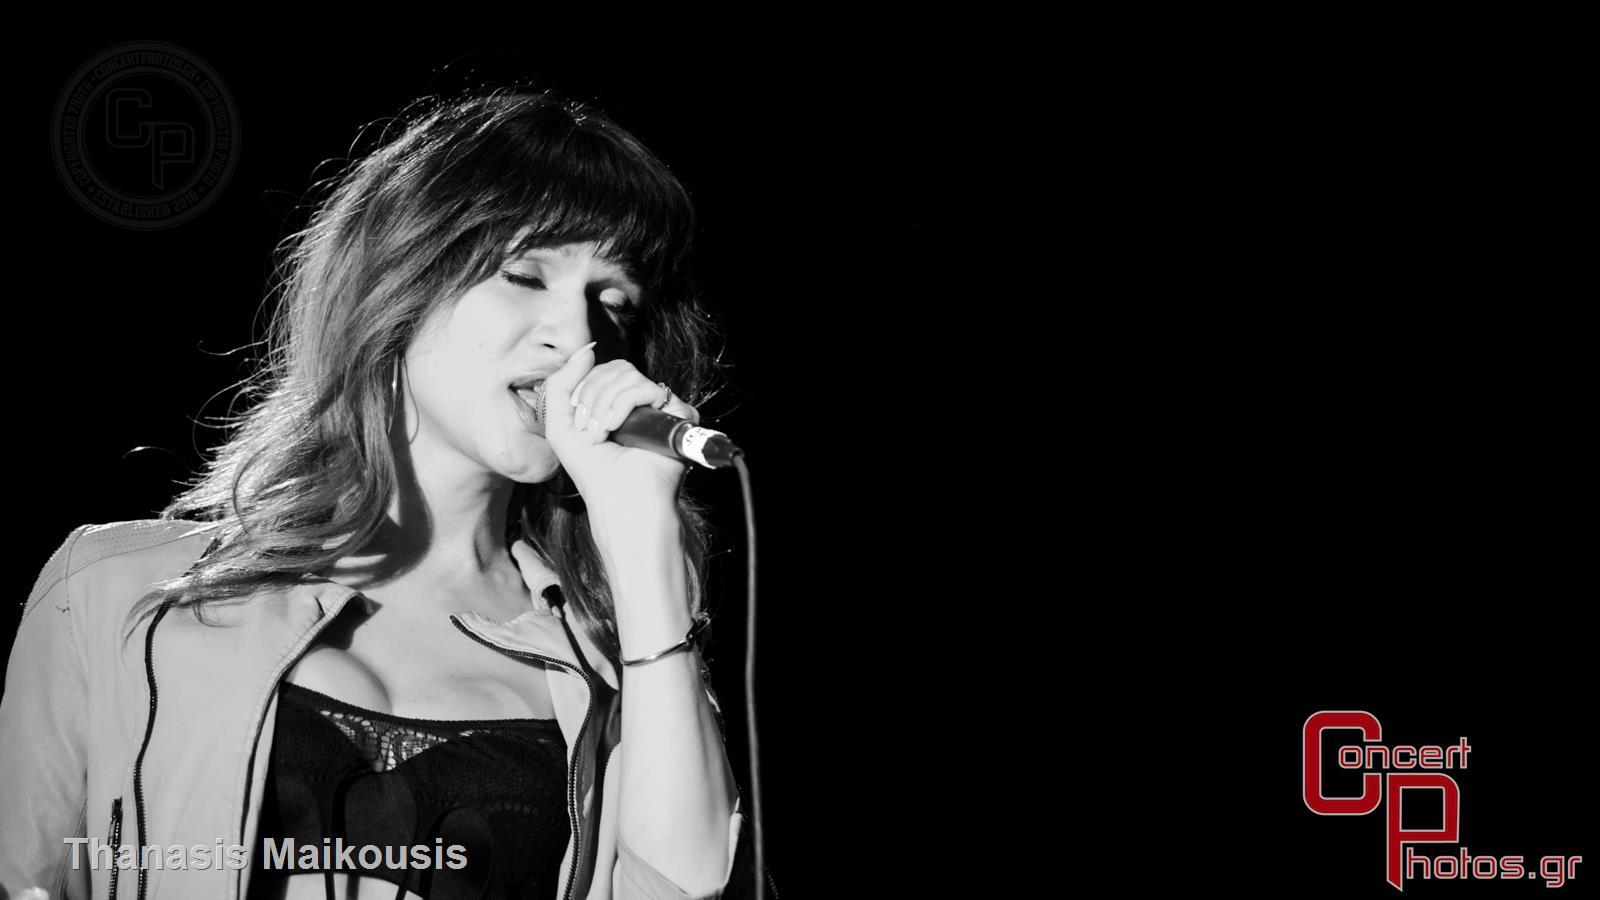 En Lefko 2014-En Lefko 2014 photographer: Thanasis Maikousis - concertphotos_20140621_22_47_29